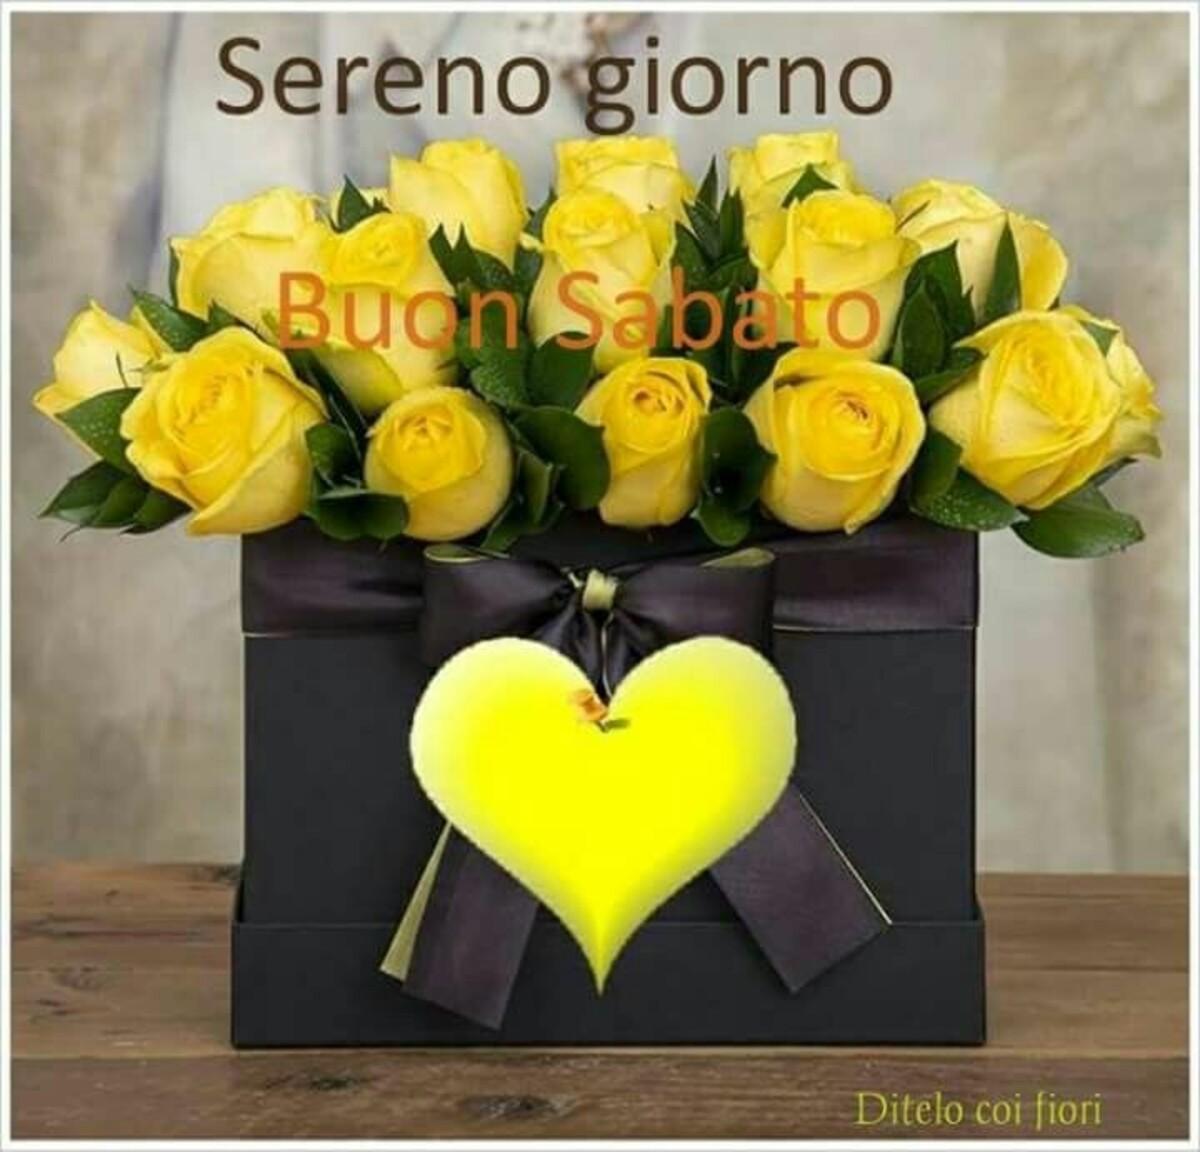 Sereno Giorno Buon Sabato - Ditelo coi fiori